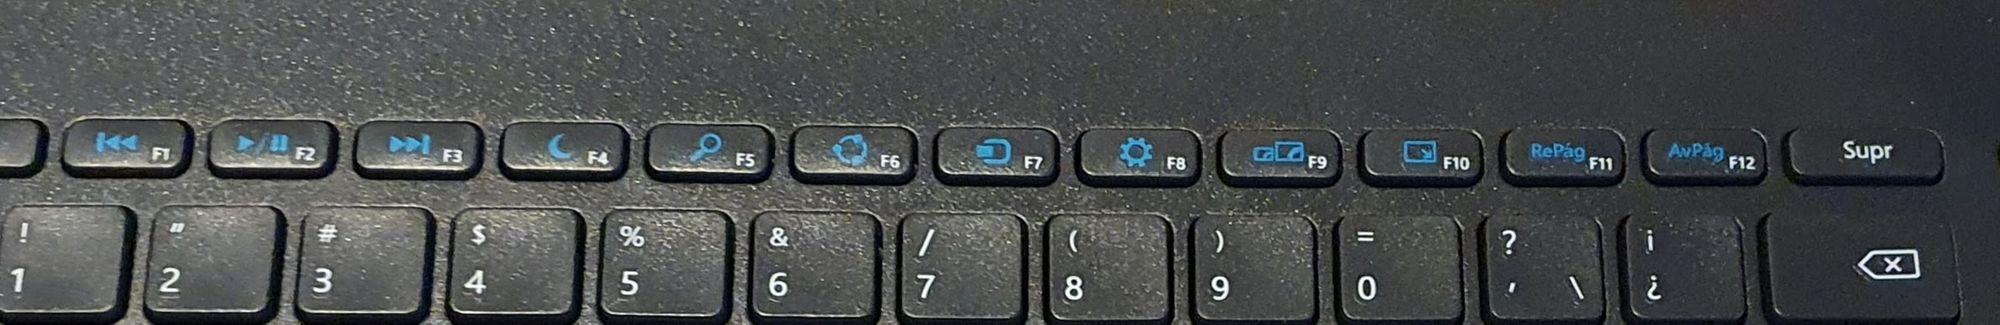 Algunas de las teclas de función especiales (en azul) no funcionan en Mac Os X